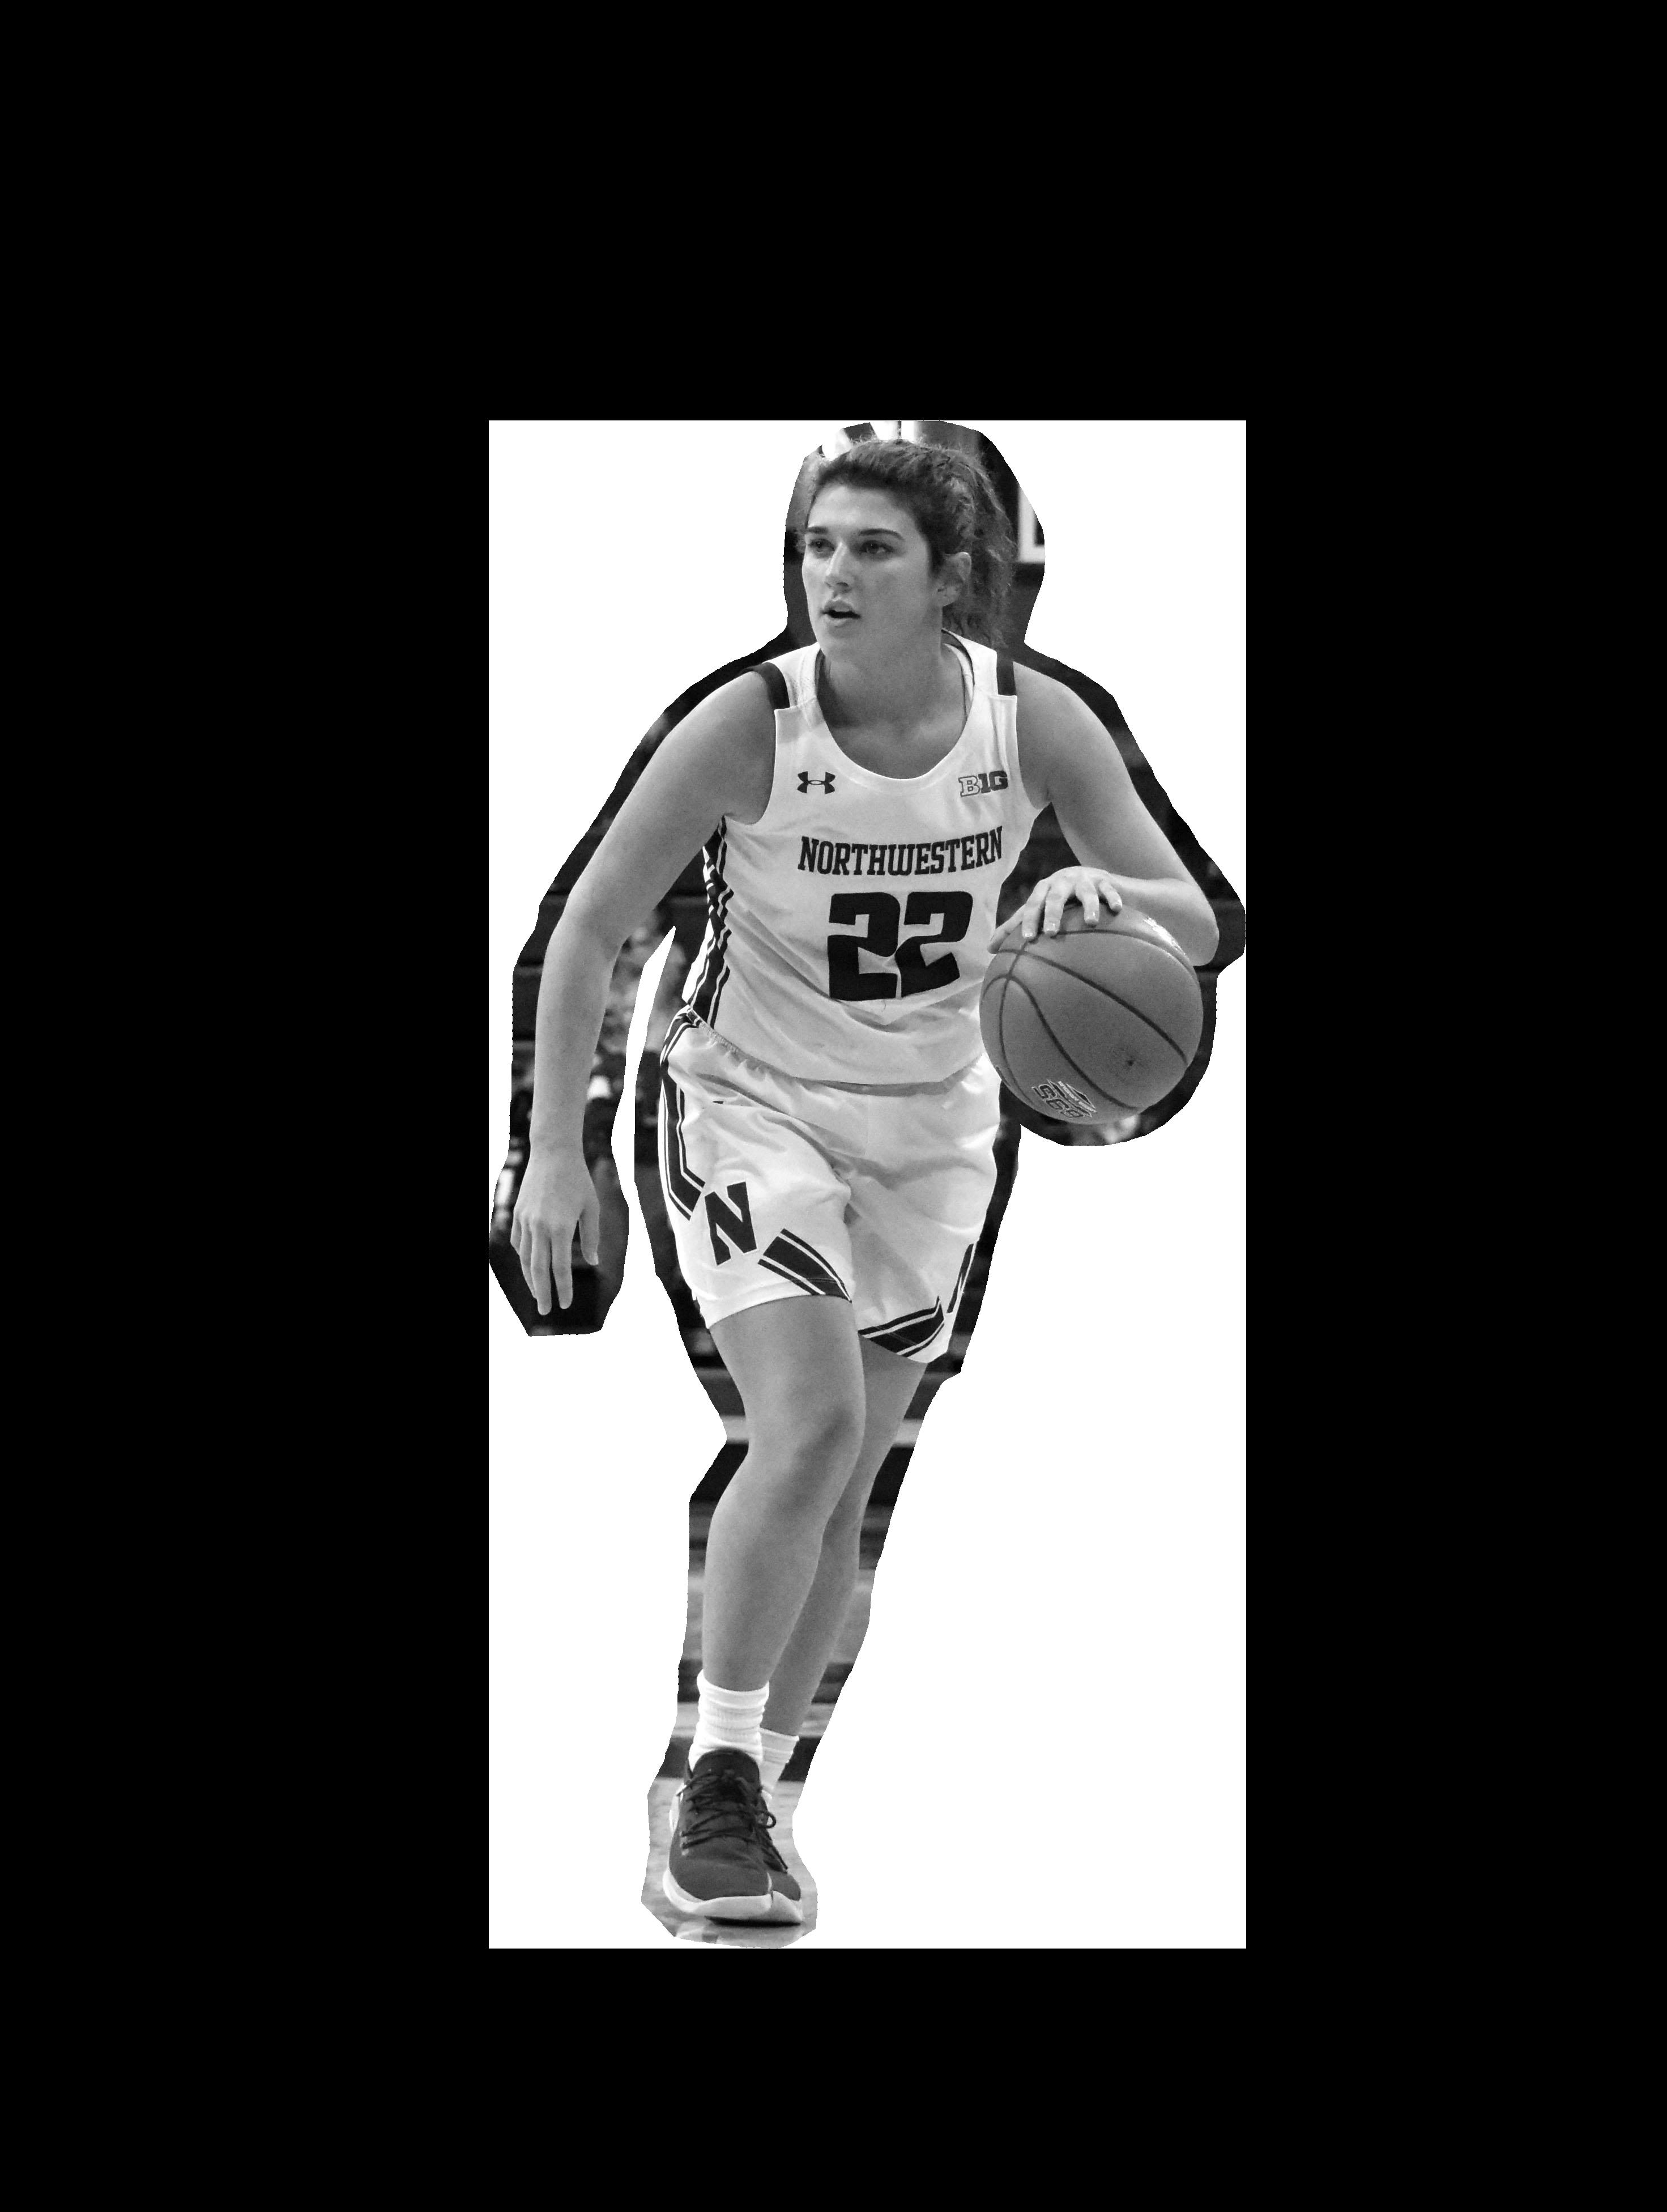 a women's basketball player